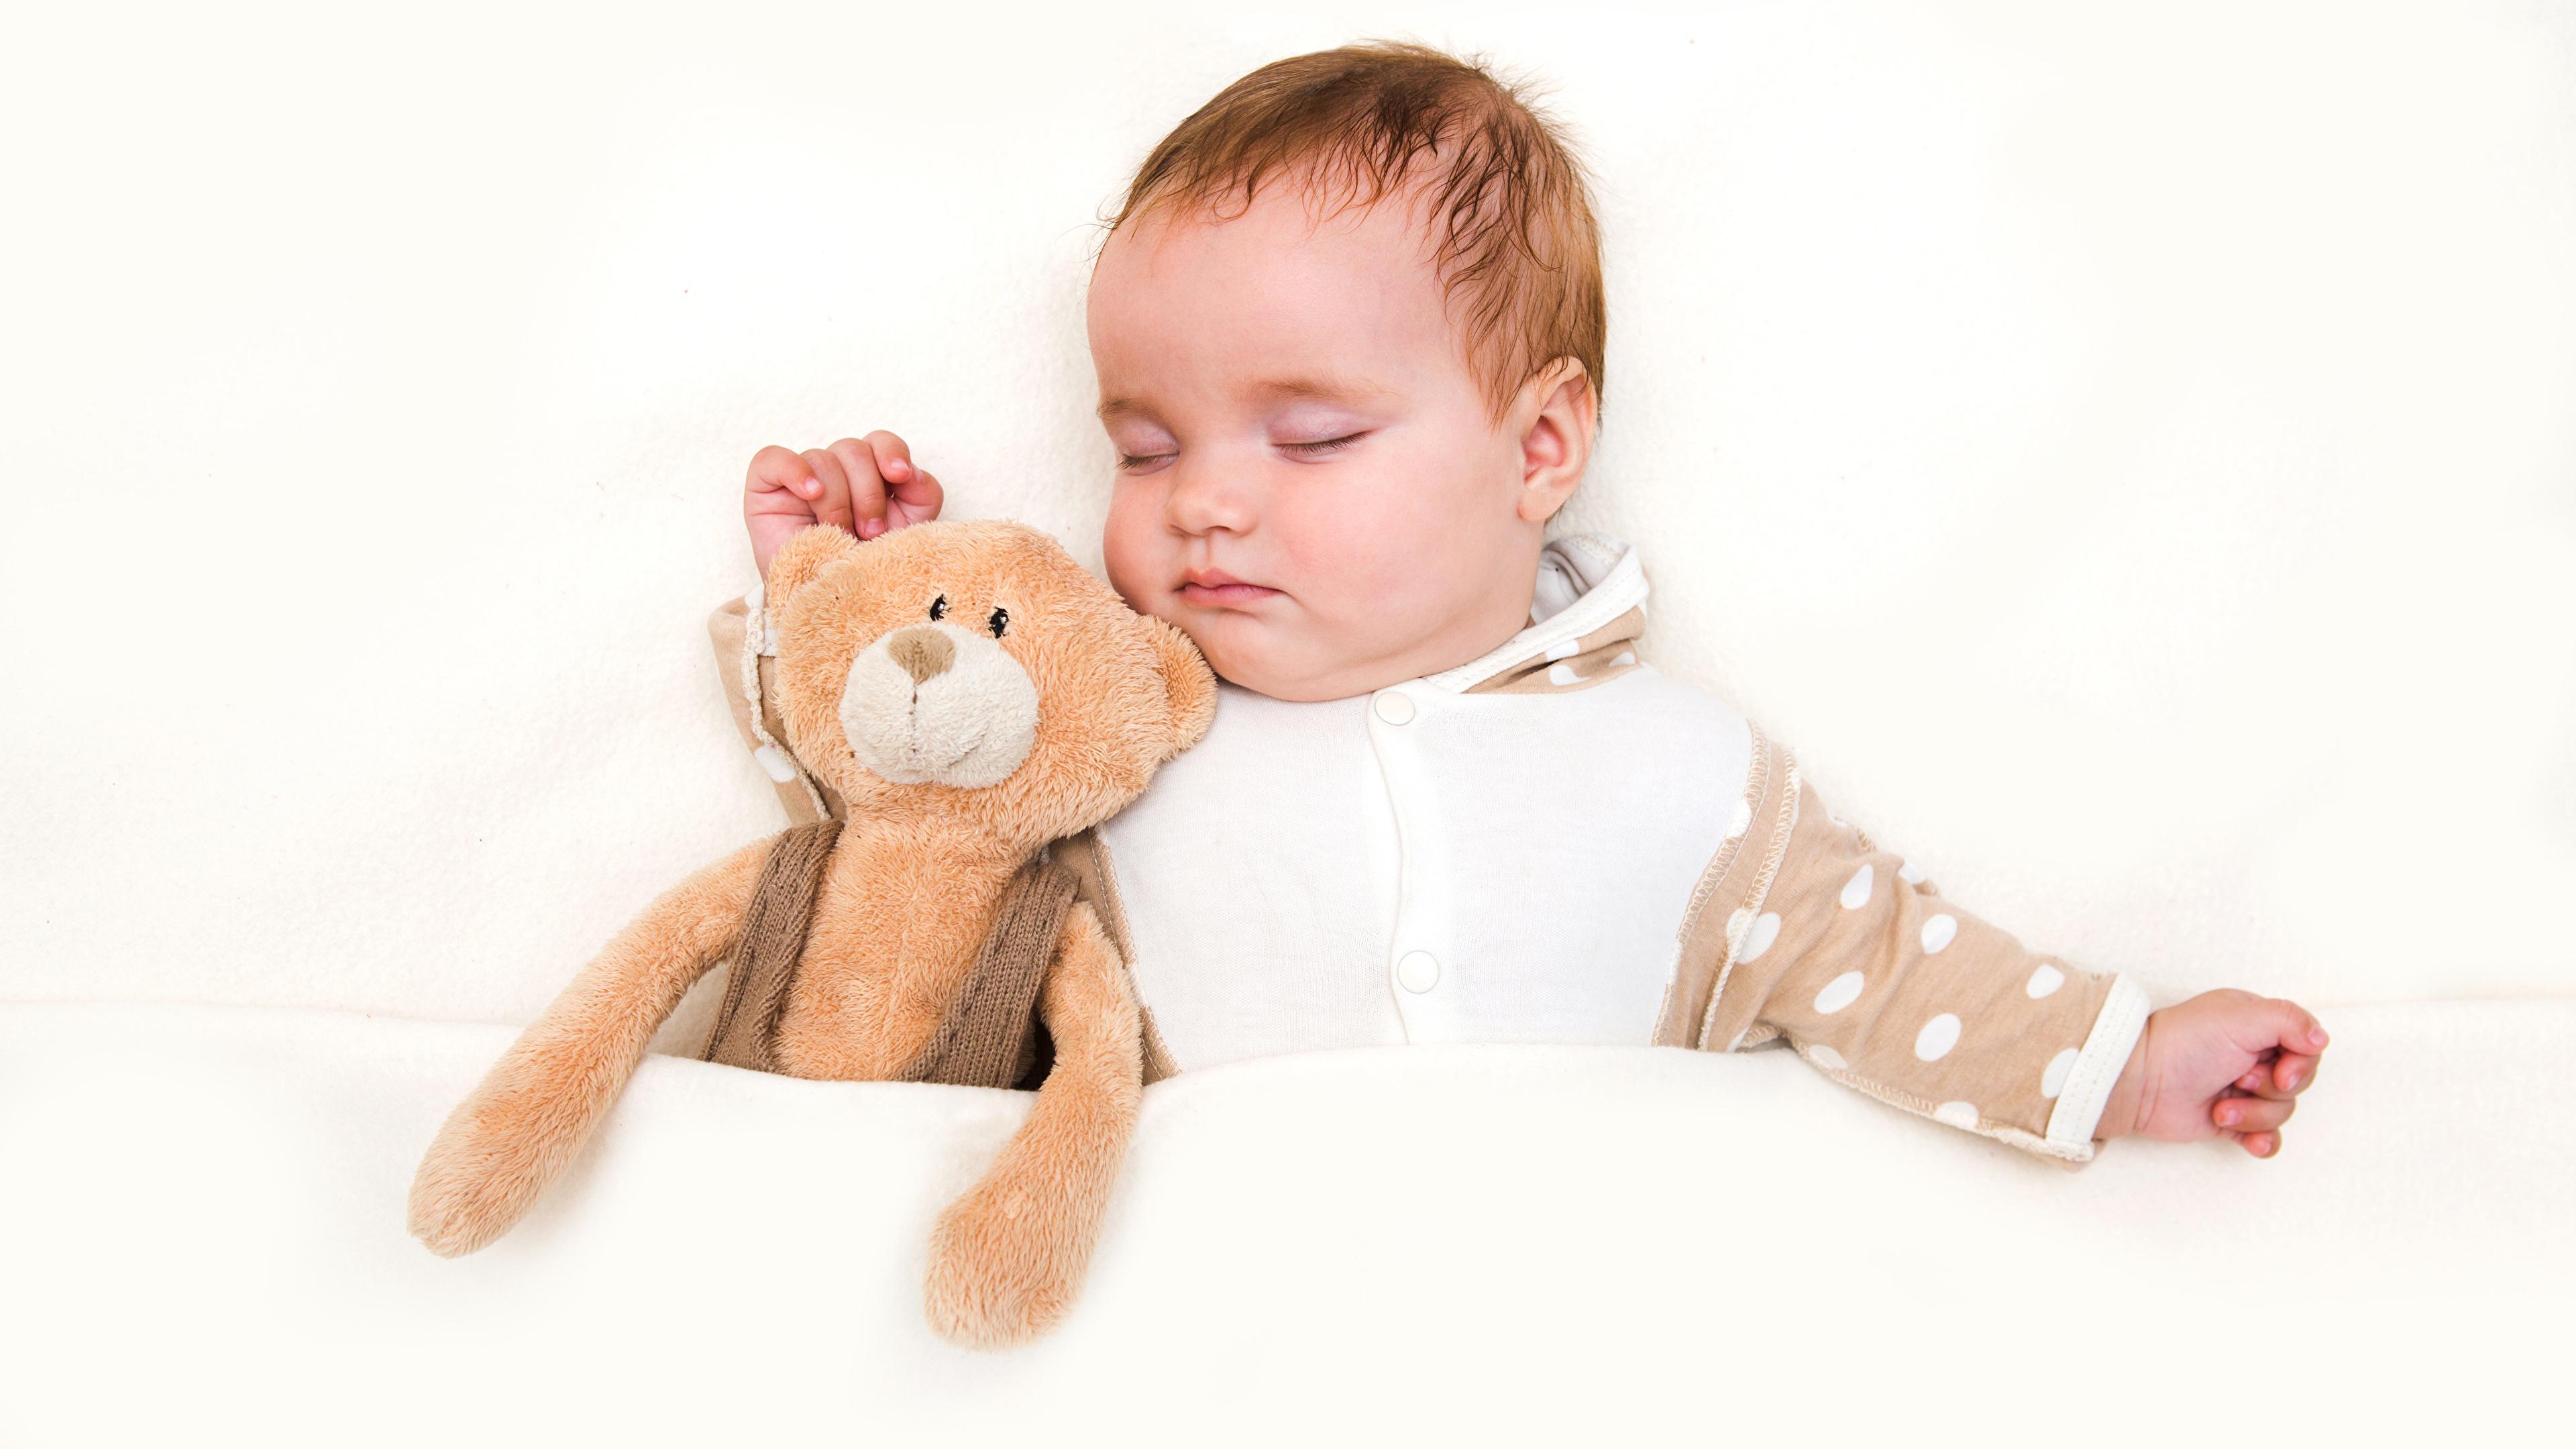 Обои для рабочего стола младенца ребёнок Спит Мишки белом фоне 3840x2160 Младенцы младенец грудной ребёнок Дети сон спят спящий Плюшевый мишка Белый фон белым фоном